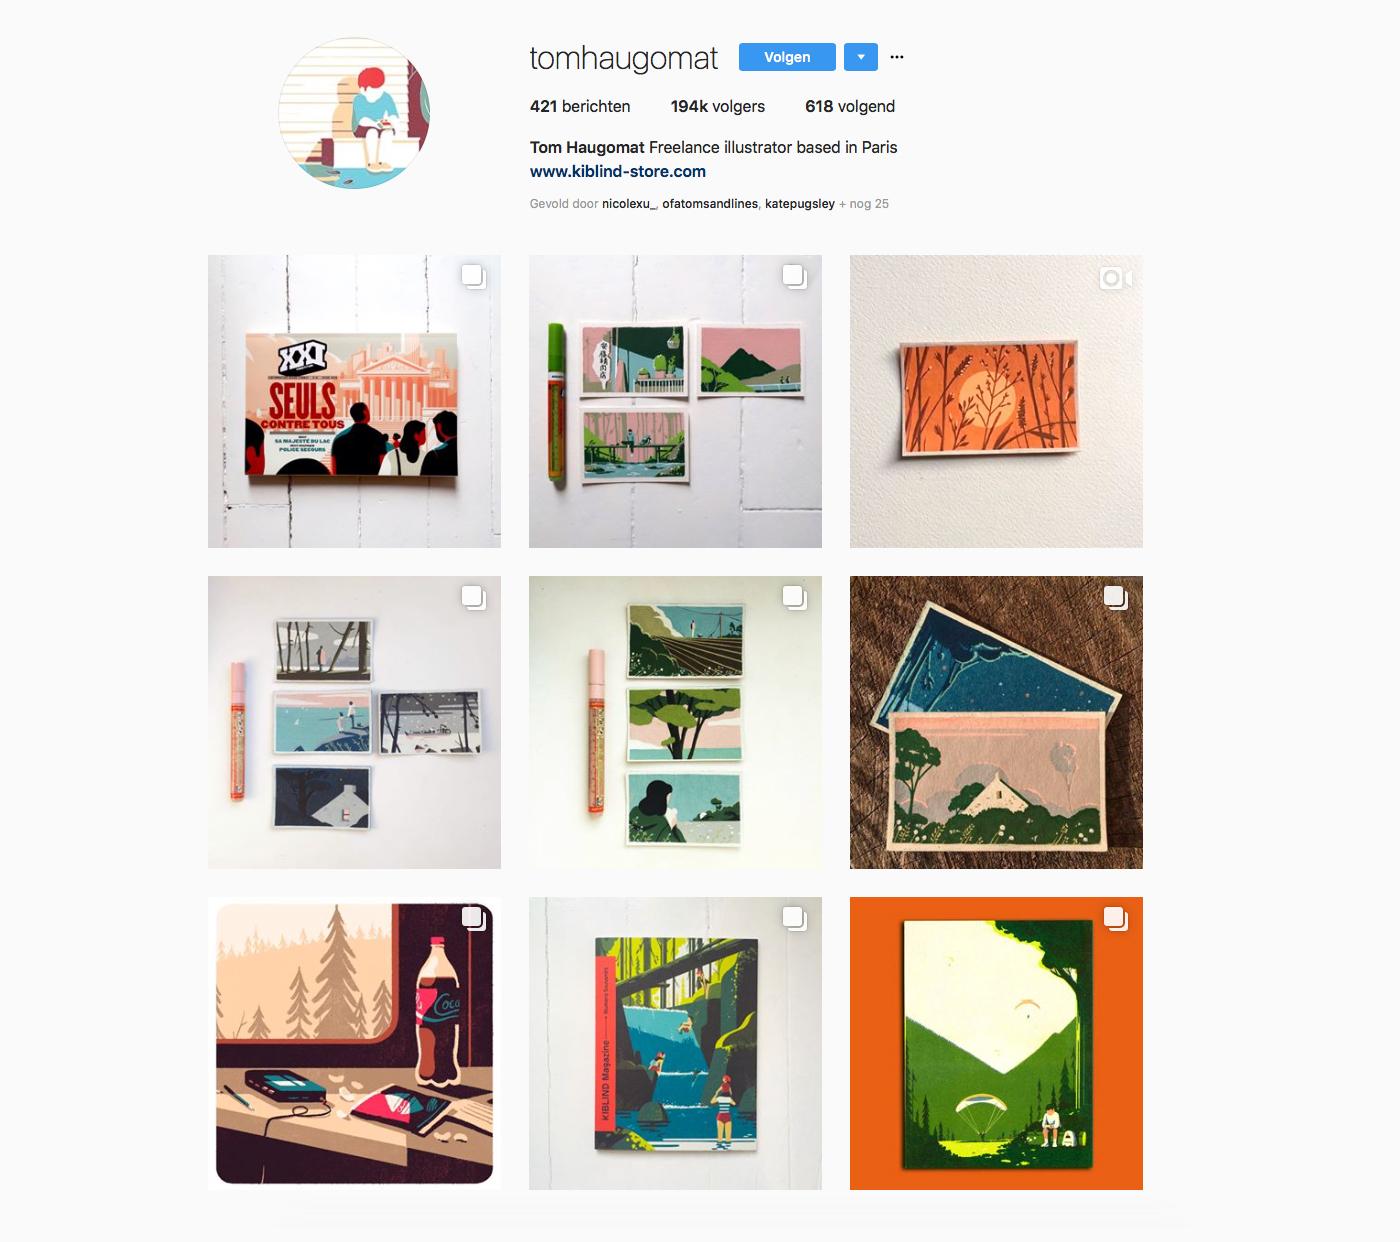 instagram account of Tom Haugomat